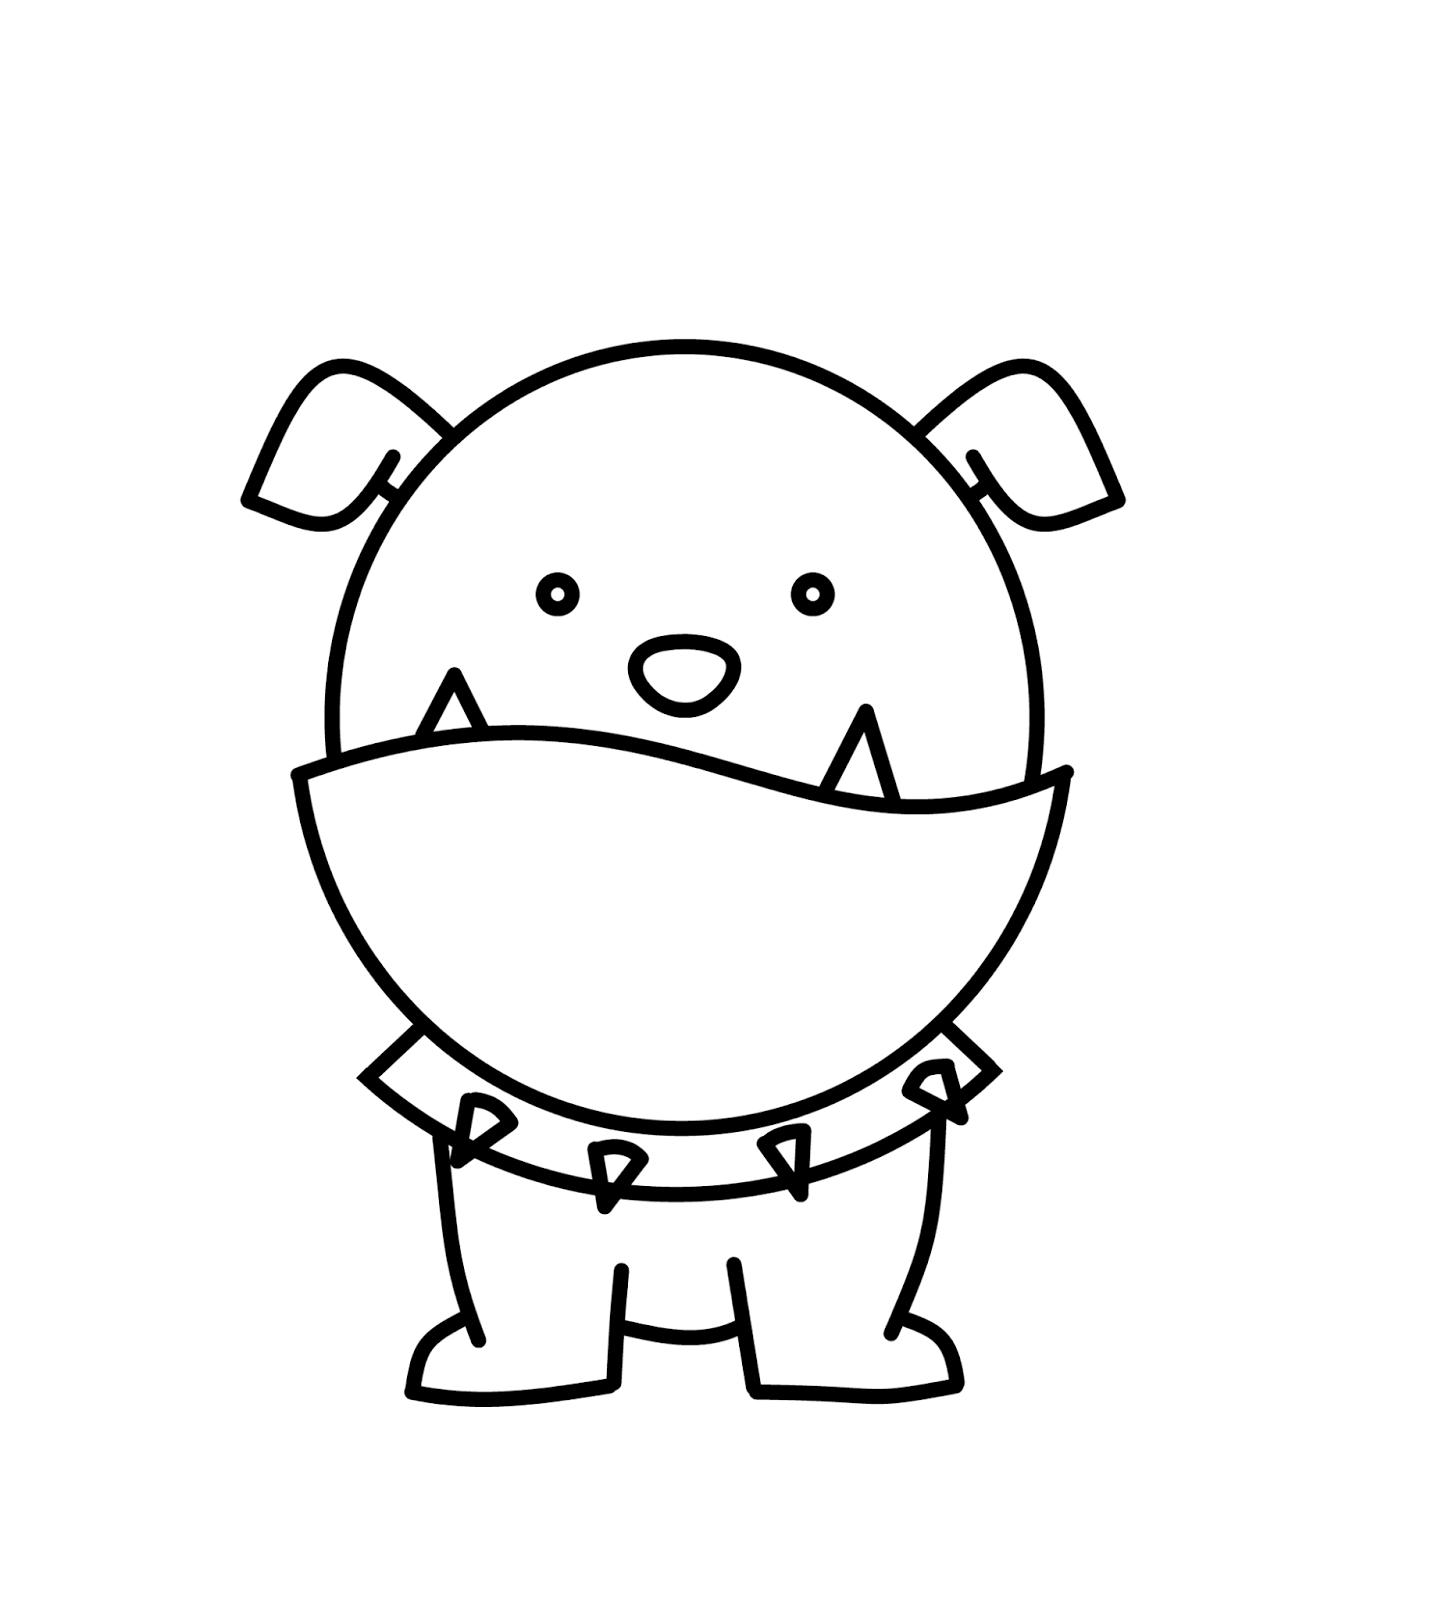 Drawn bulldog I one I've Bulldog for